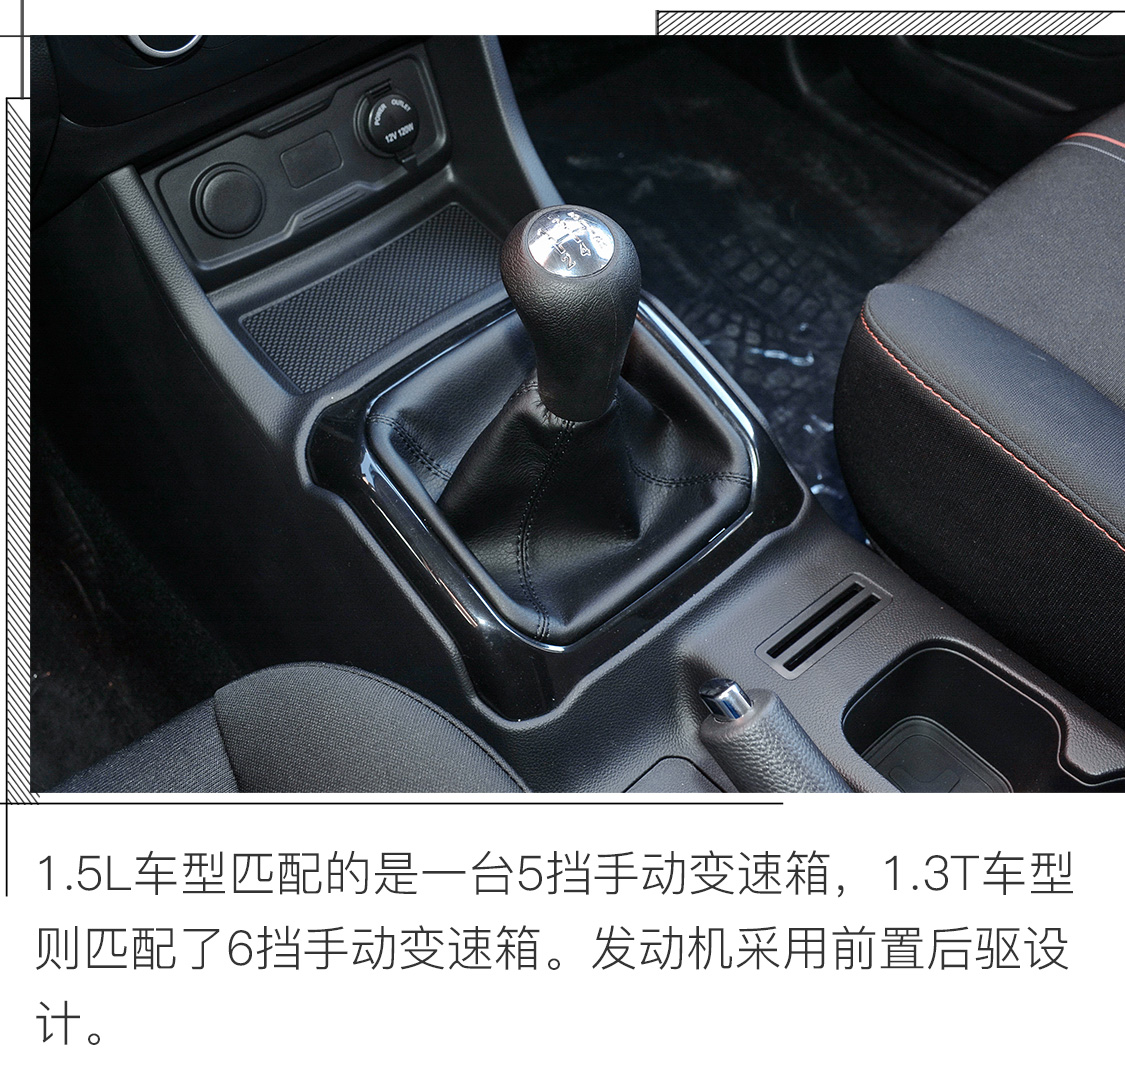 万万没想到!4万多竟能搞定7座SUV 实拍欧尚X70A